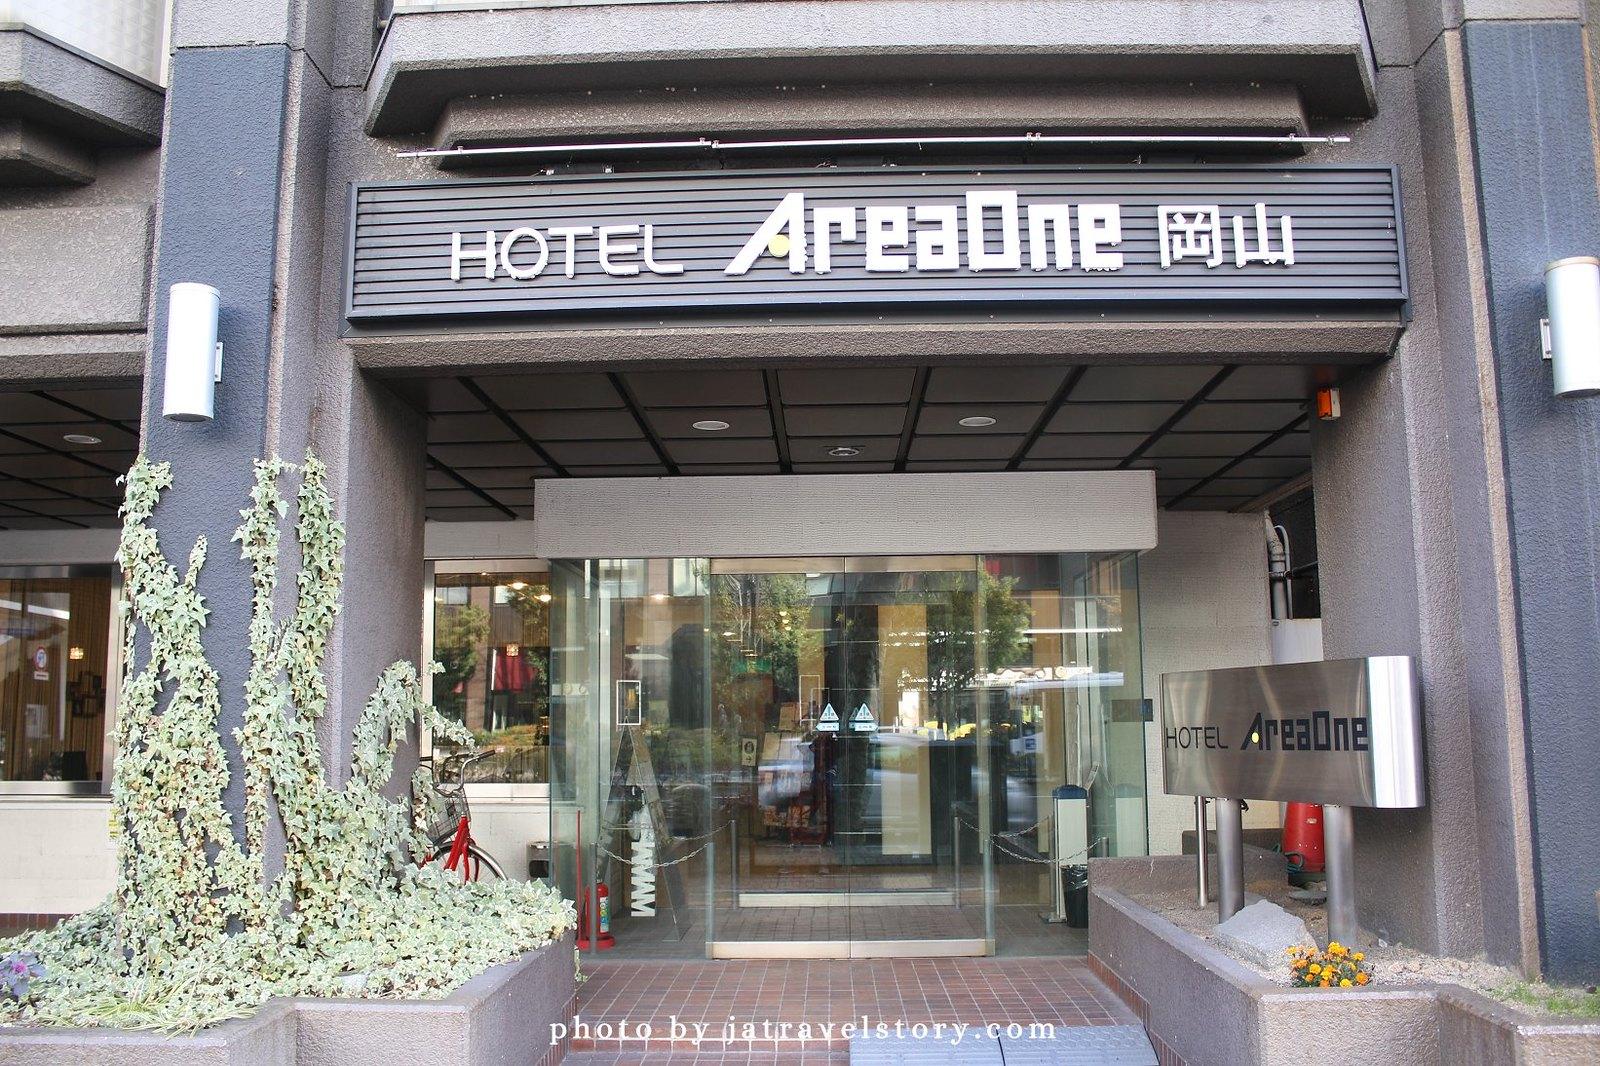 【日本岡山住宿】岡山AreaOne飯店 對面就是Aeon和超市,離岡山車站近的平價飯店。Area One Okayama Hotel @J&A的旅行